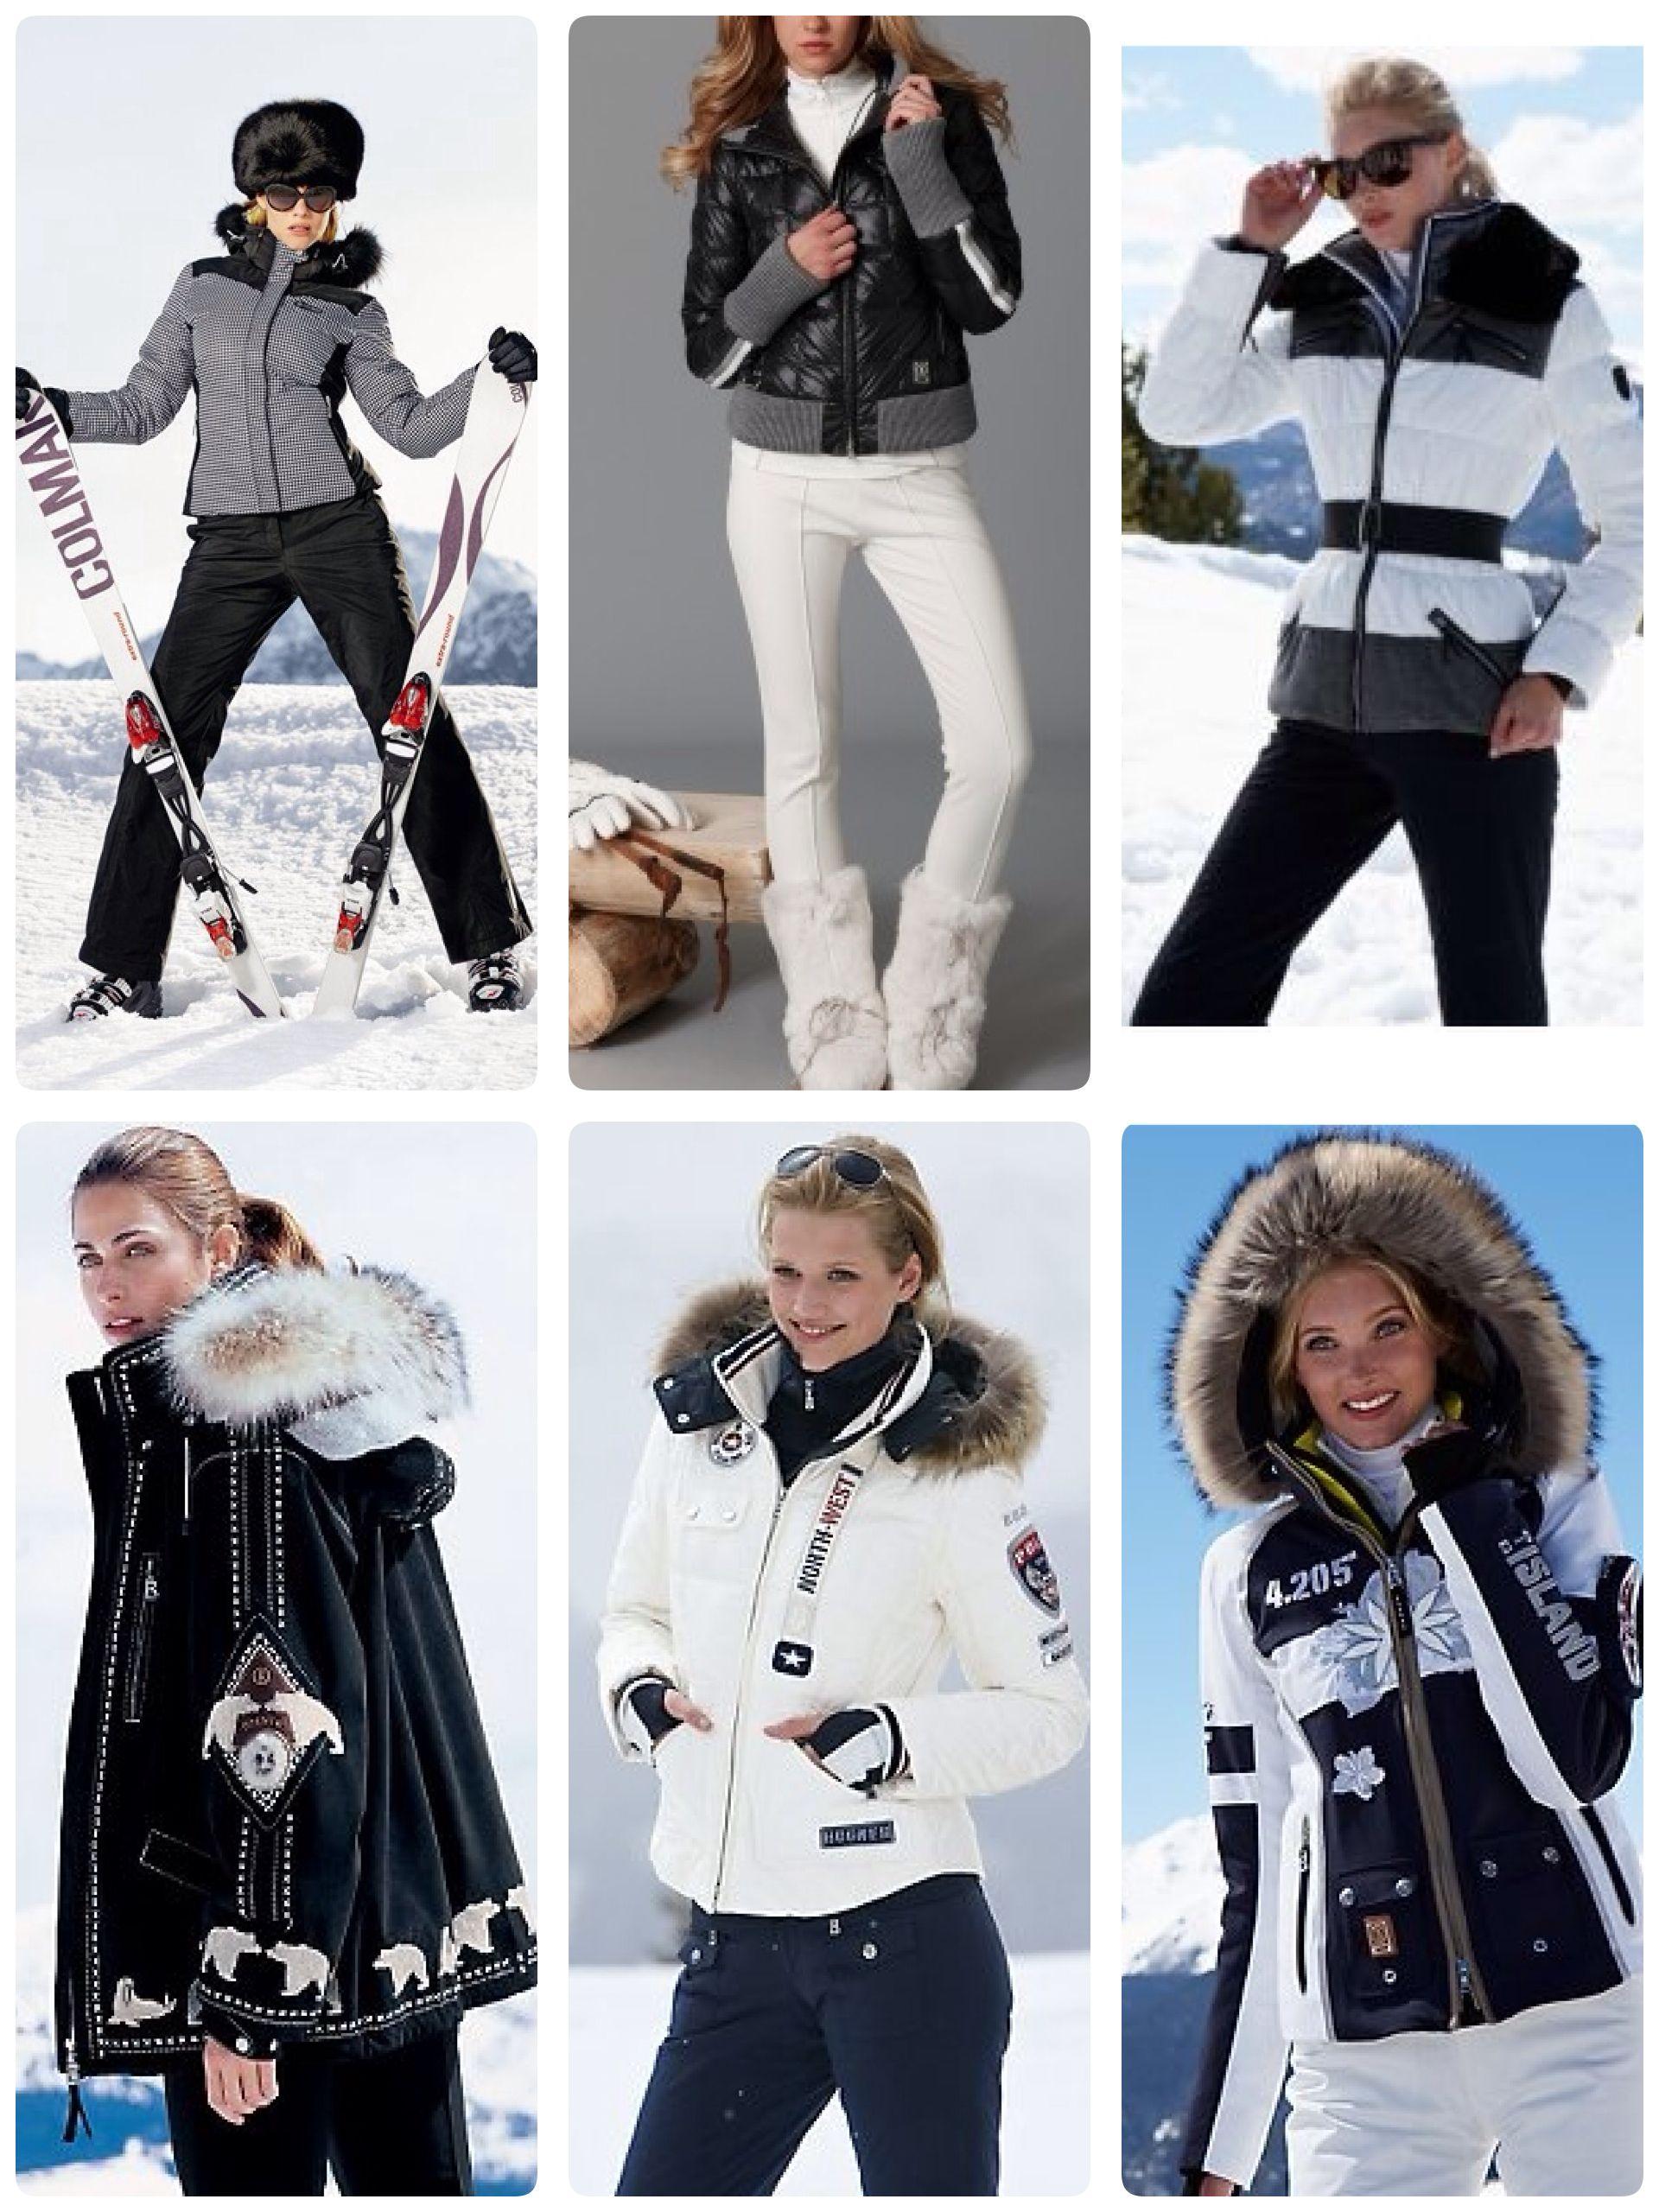 6b697a85e8b39 Ropa de moda para esquiar